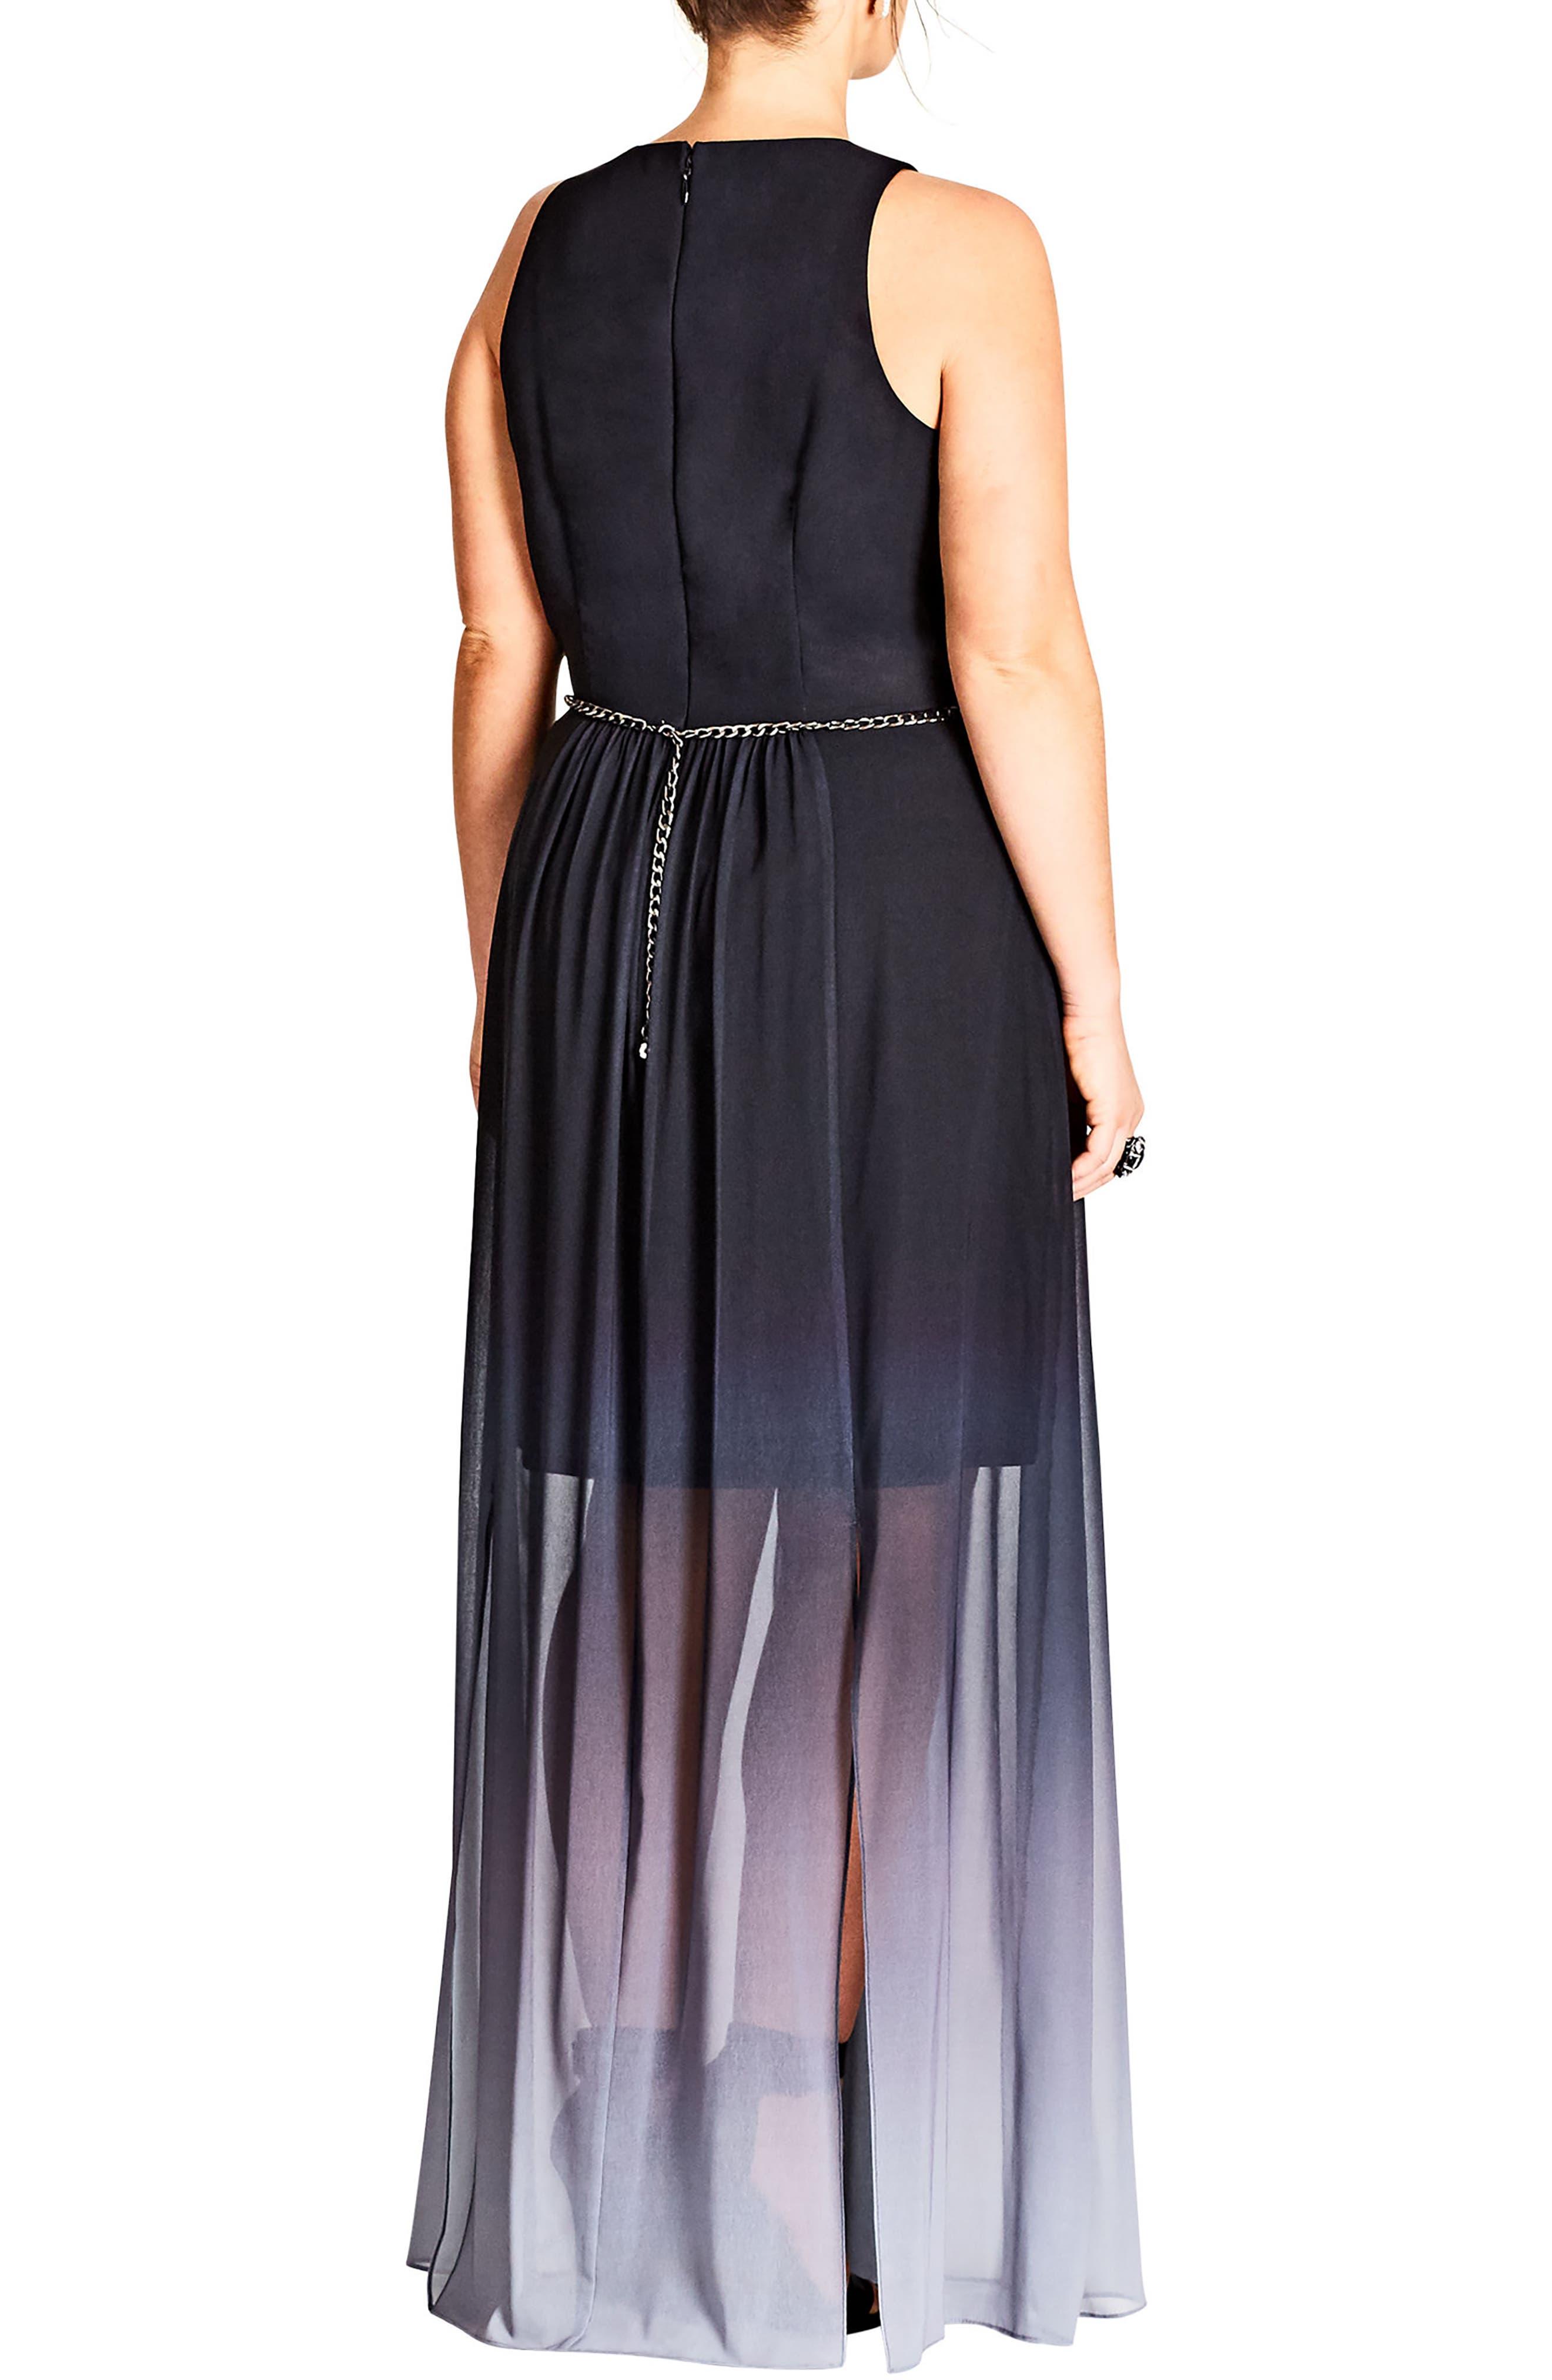 Alternate Image 2  - City Chic Statement Ombré Maxi Dress (Plus Size)